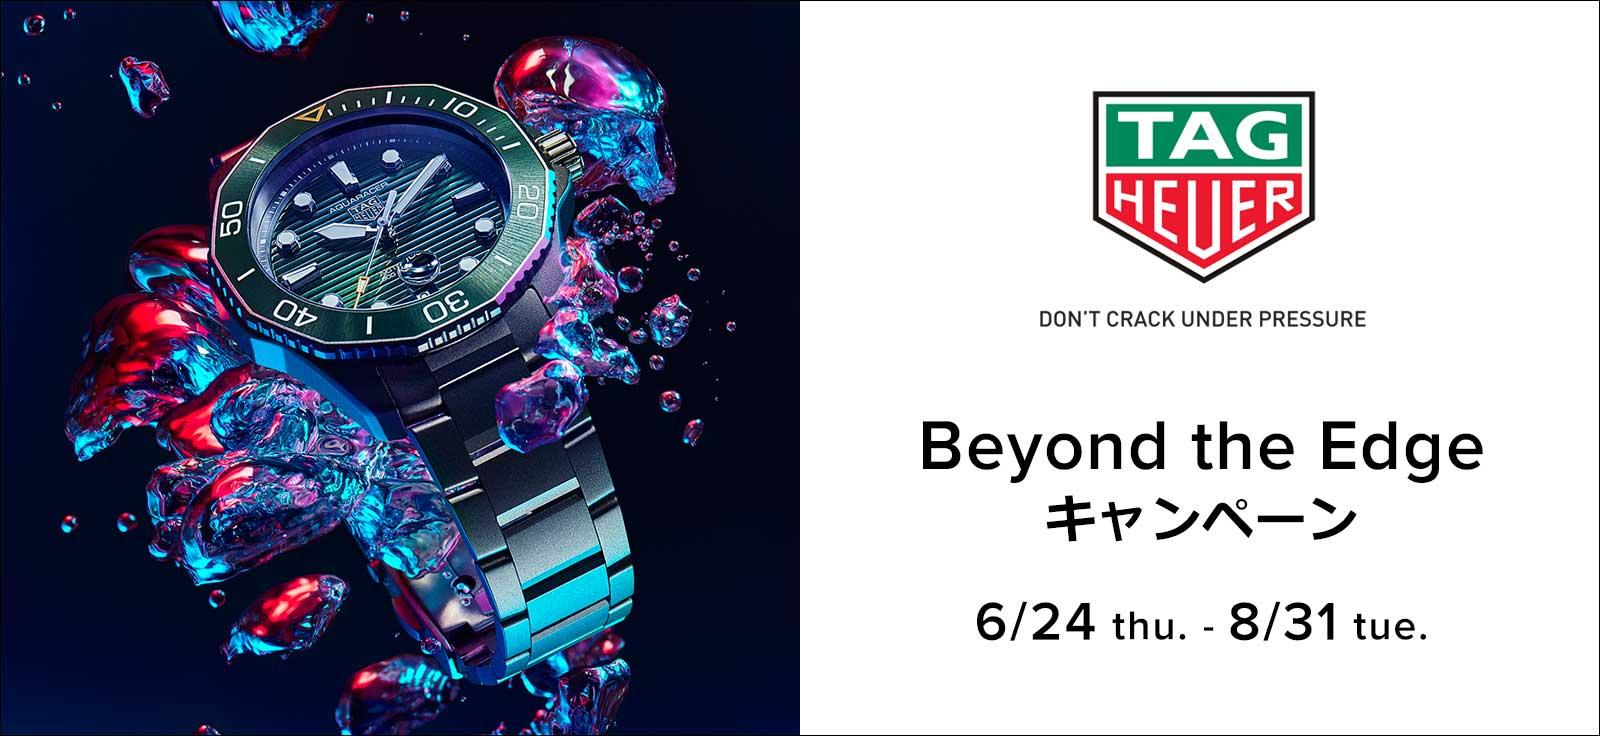 タグ・ホイヤー「Beyond the Edge」キャンペーン|6/24~